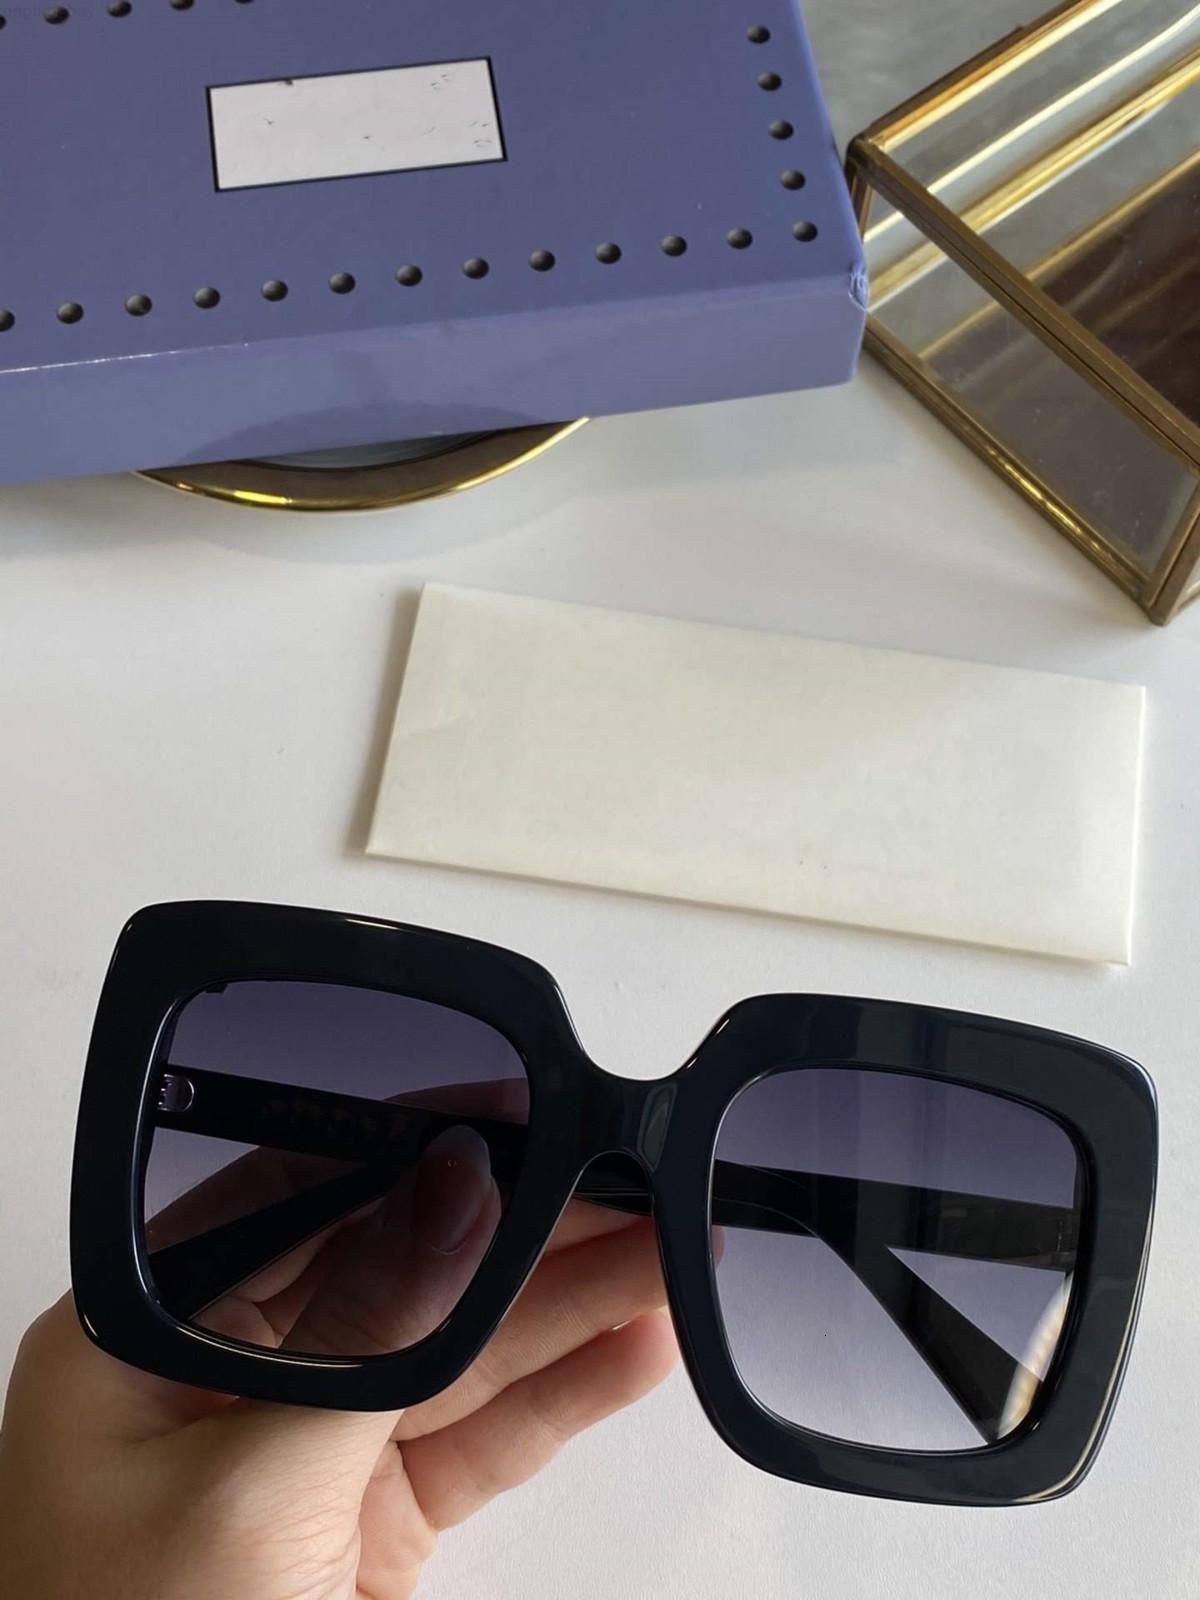 Populaire de style de mode Square Femmes 0328 Été Cadre complète Top Qualité Protection UV 0328S Lunettes de soleil Couleur mélangée Venez avec une boîte